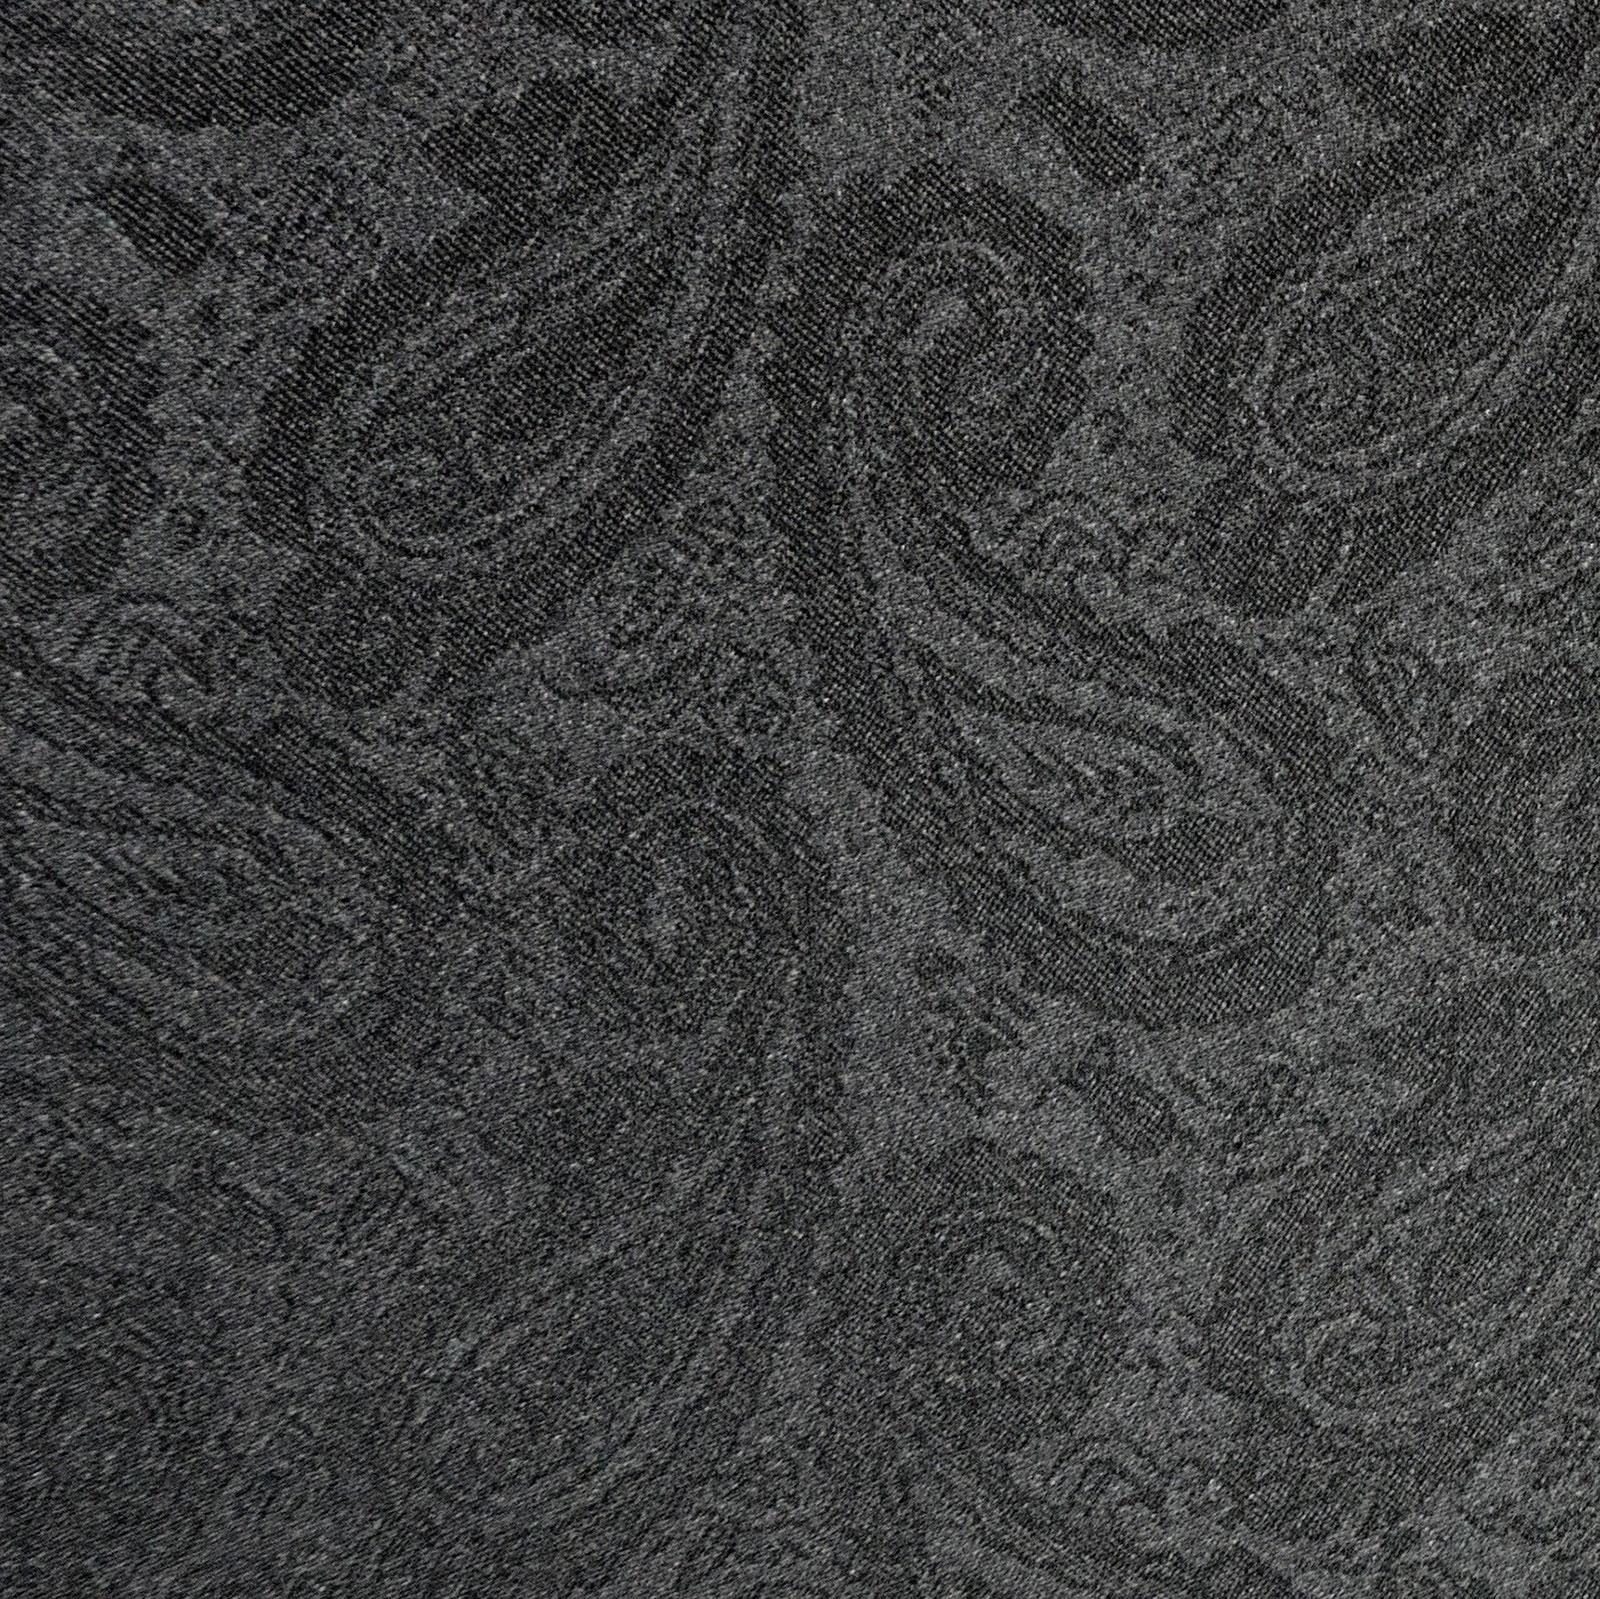 【紳士】晴雨兼用-一級遮光ペイズリー-長-ブラック